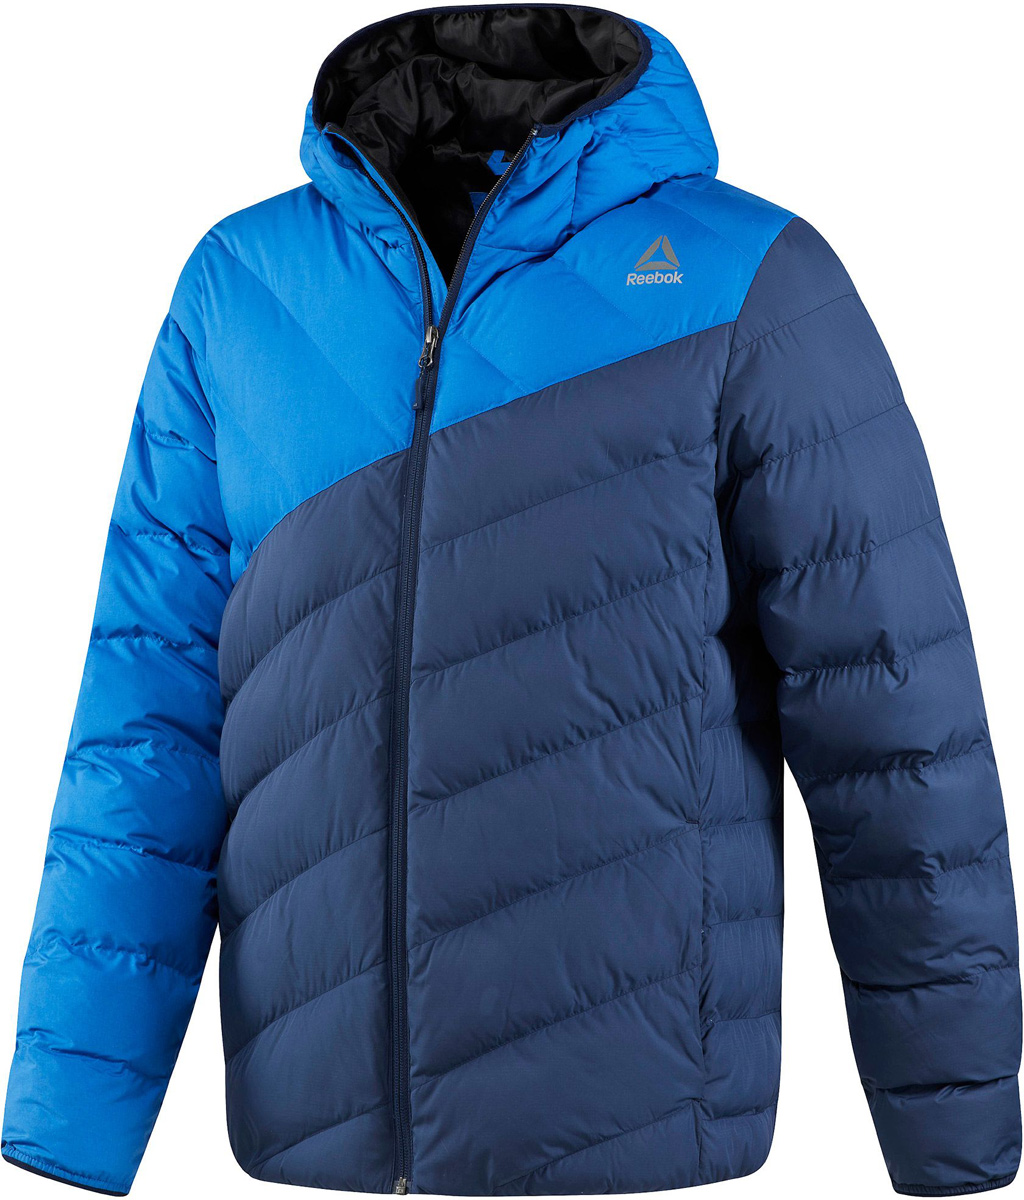 Куртка мужская Reebok Od Dwnlk Jckt, цвет: синий, голубой. BR0454. Размер M (48/50)BR0454Мужская стеганая куртка Reebok выполнена из полиэстера. В качестве подкладки и утеплителя используется полиэстер. Модель с несъемным капюшоном застегивается на застежку-молнию. Спереди расположено два прорезных кармана. Куртка дополнена логотипом бренда.